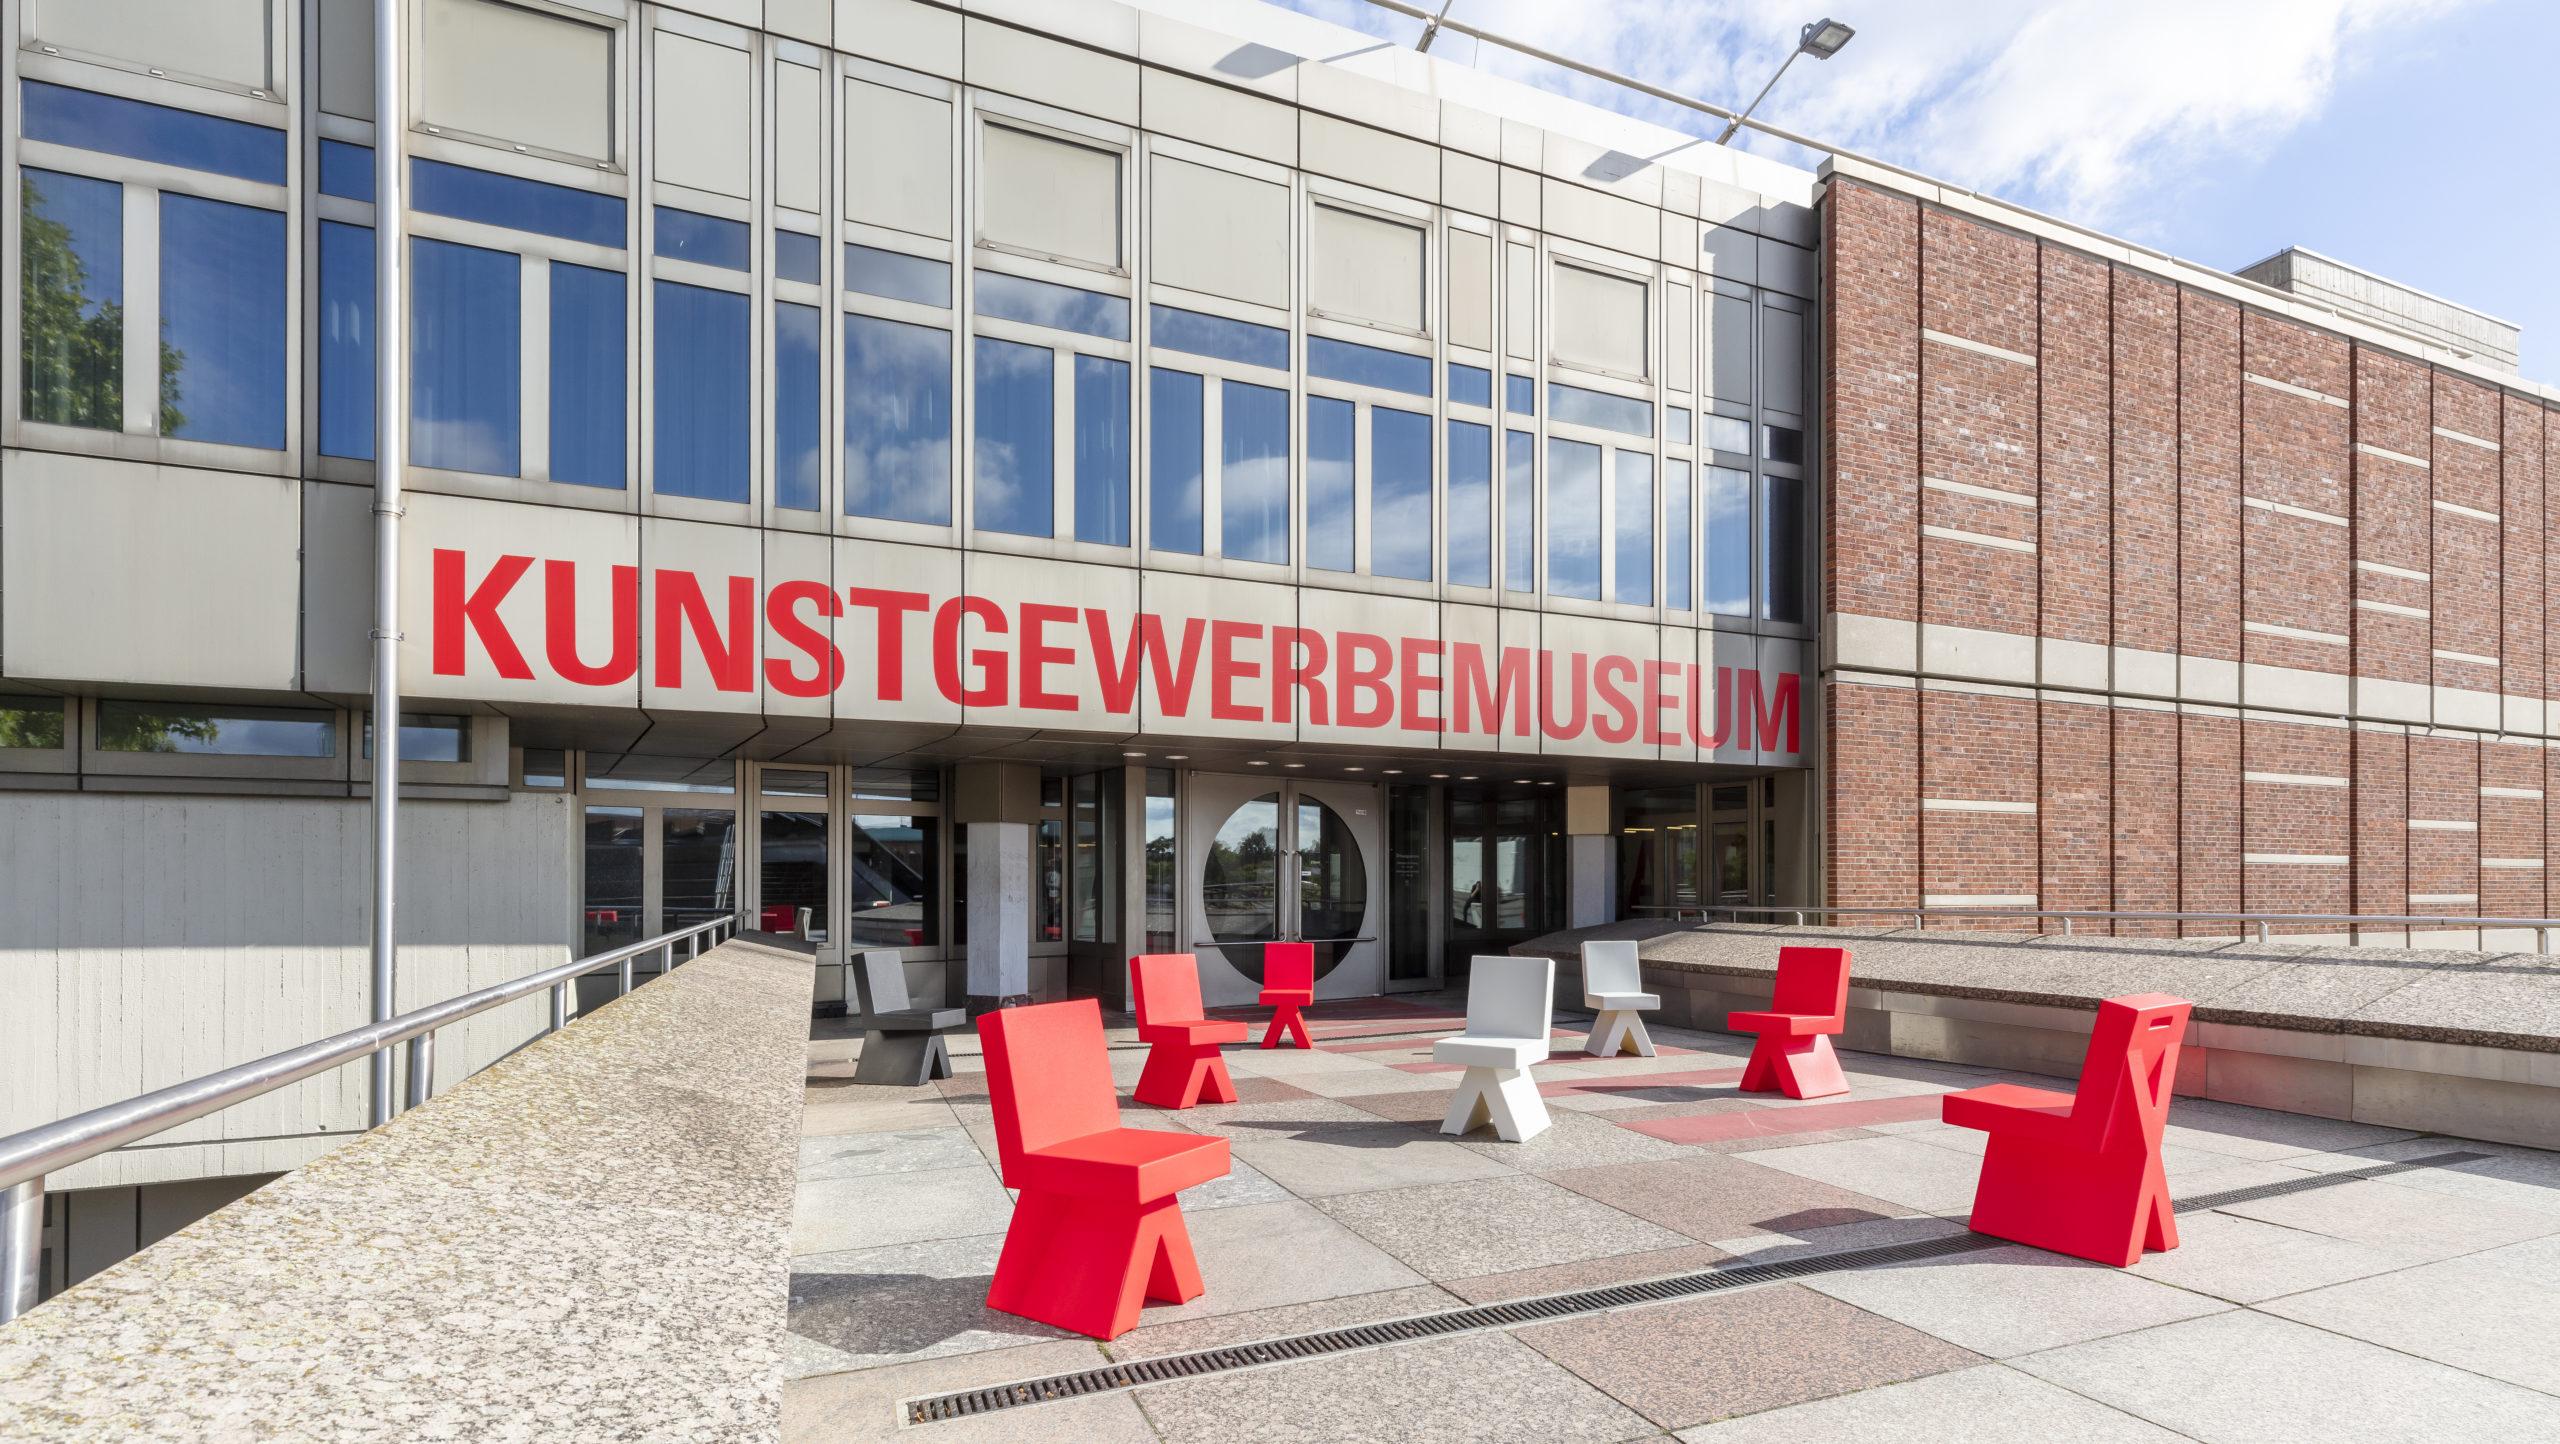 Kunstgewerbemuseum Berlin, Ausstellung Atmoism, Hermann August Weizenegger, X-Chair